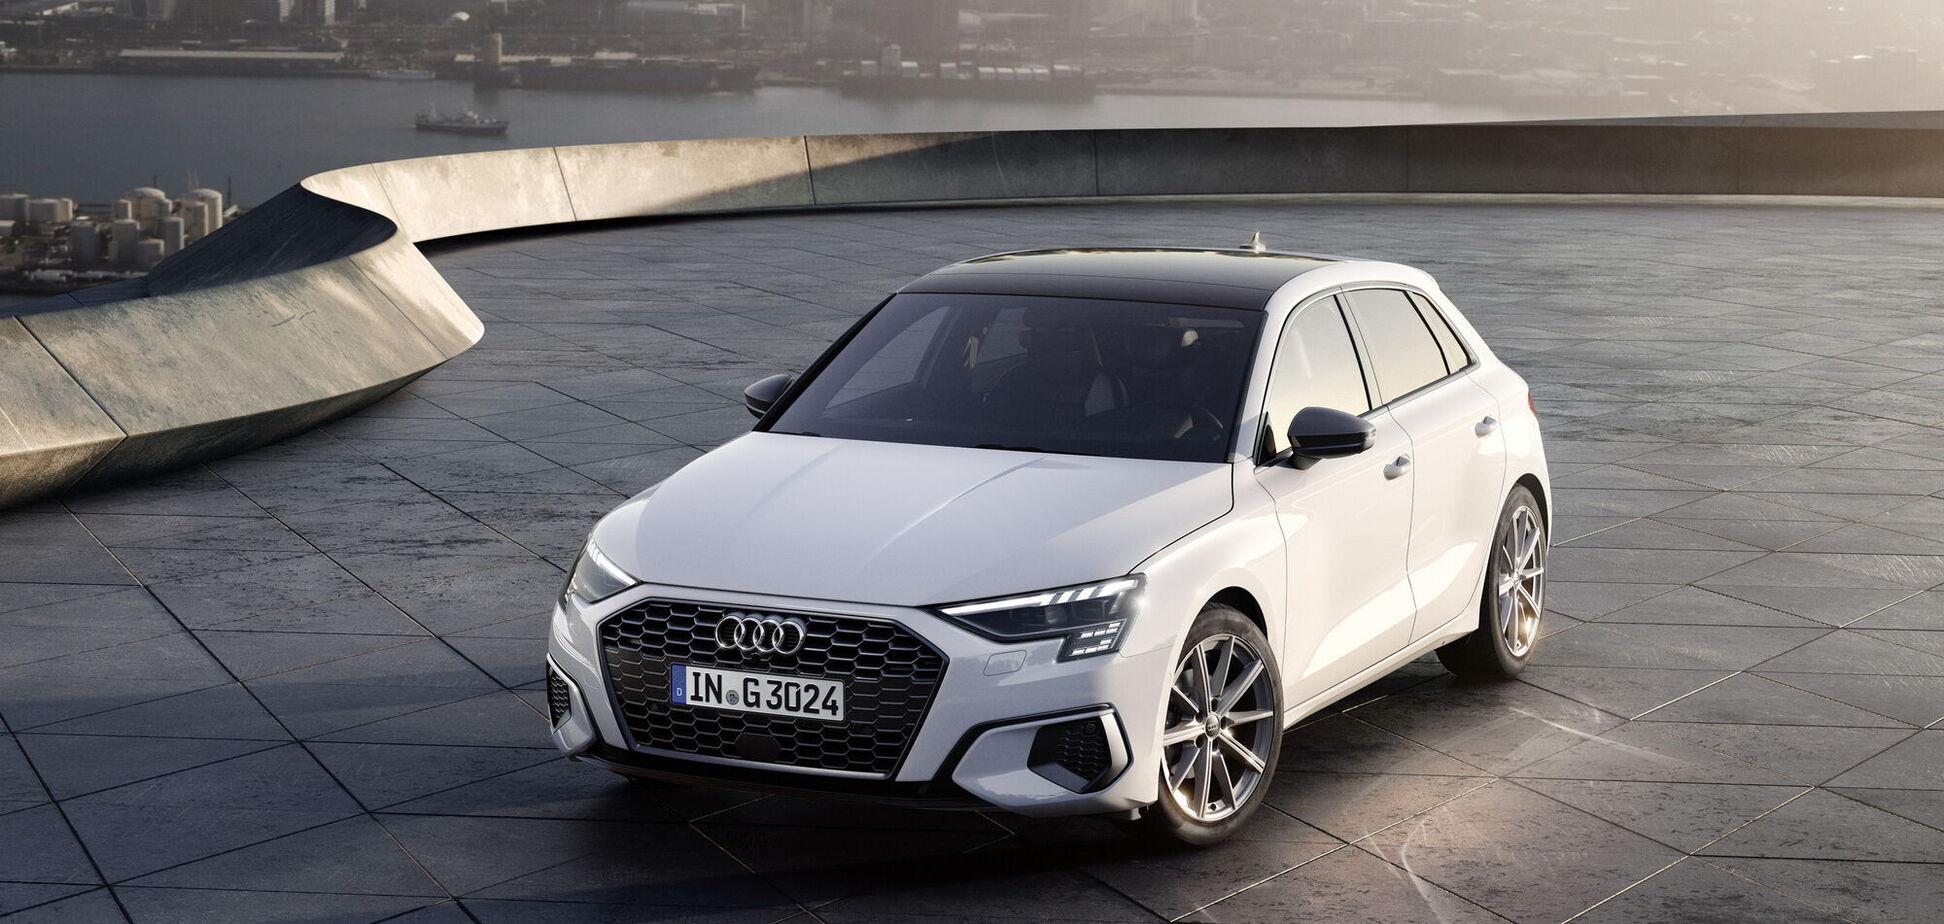 Audi презентувала хетчбек A3 Sportback з ГБО